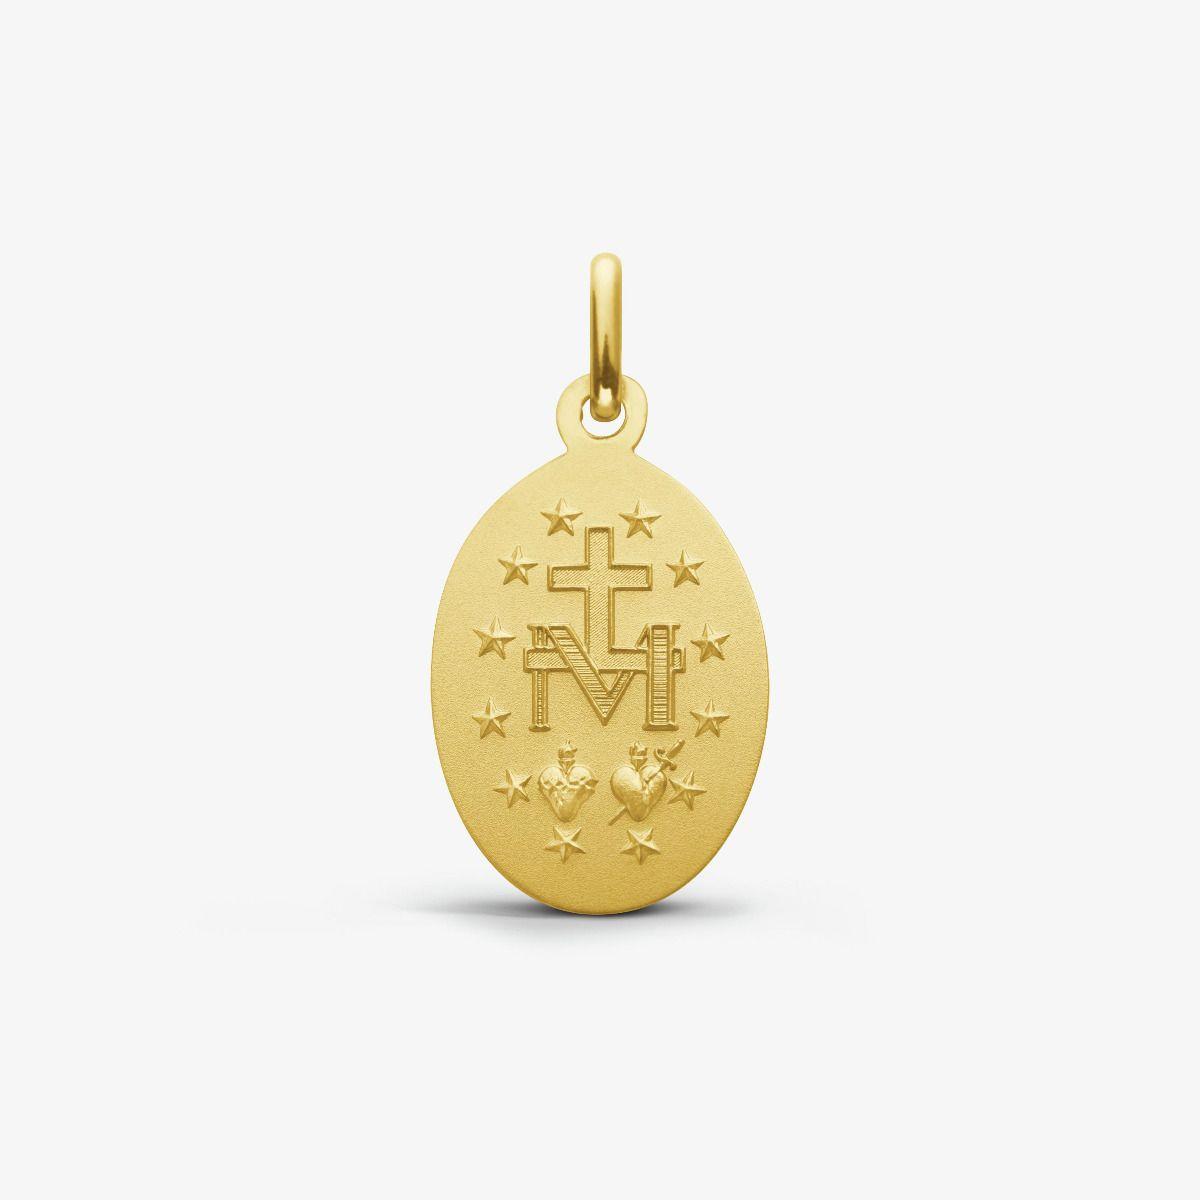 Médaille Miraculeuse en Or Jaune 18 carats - 17 mm - revers